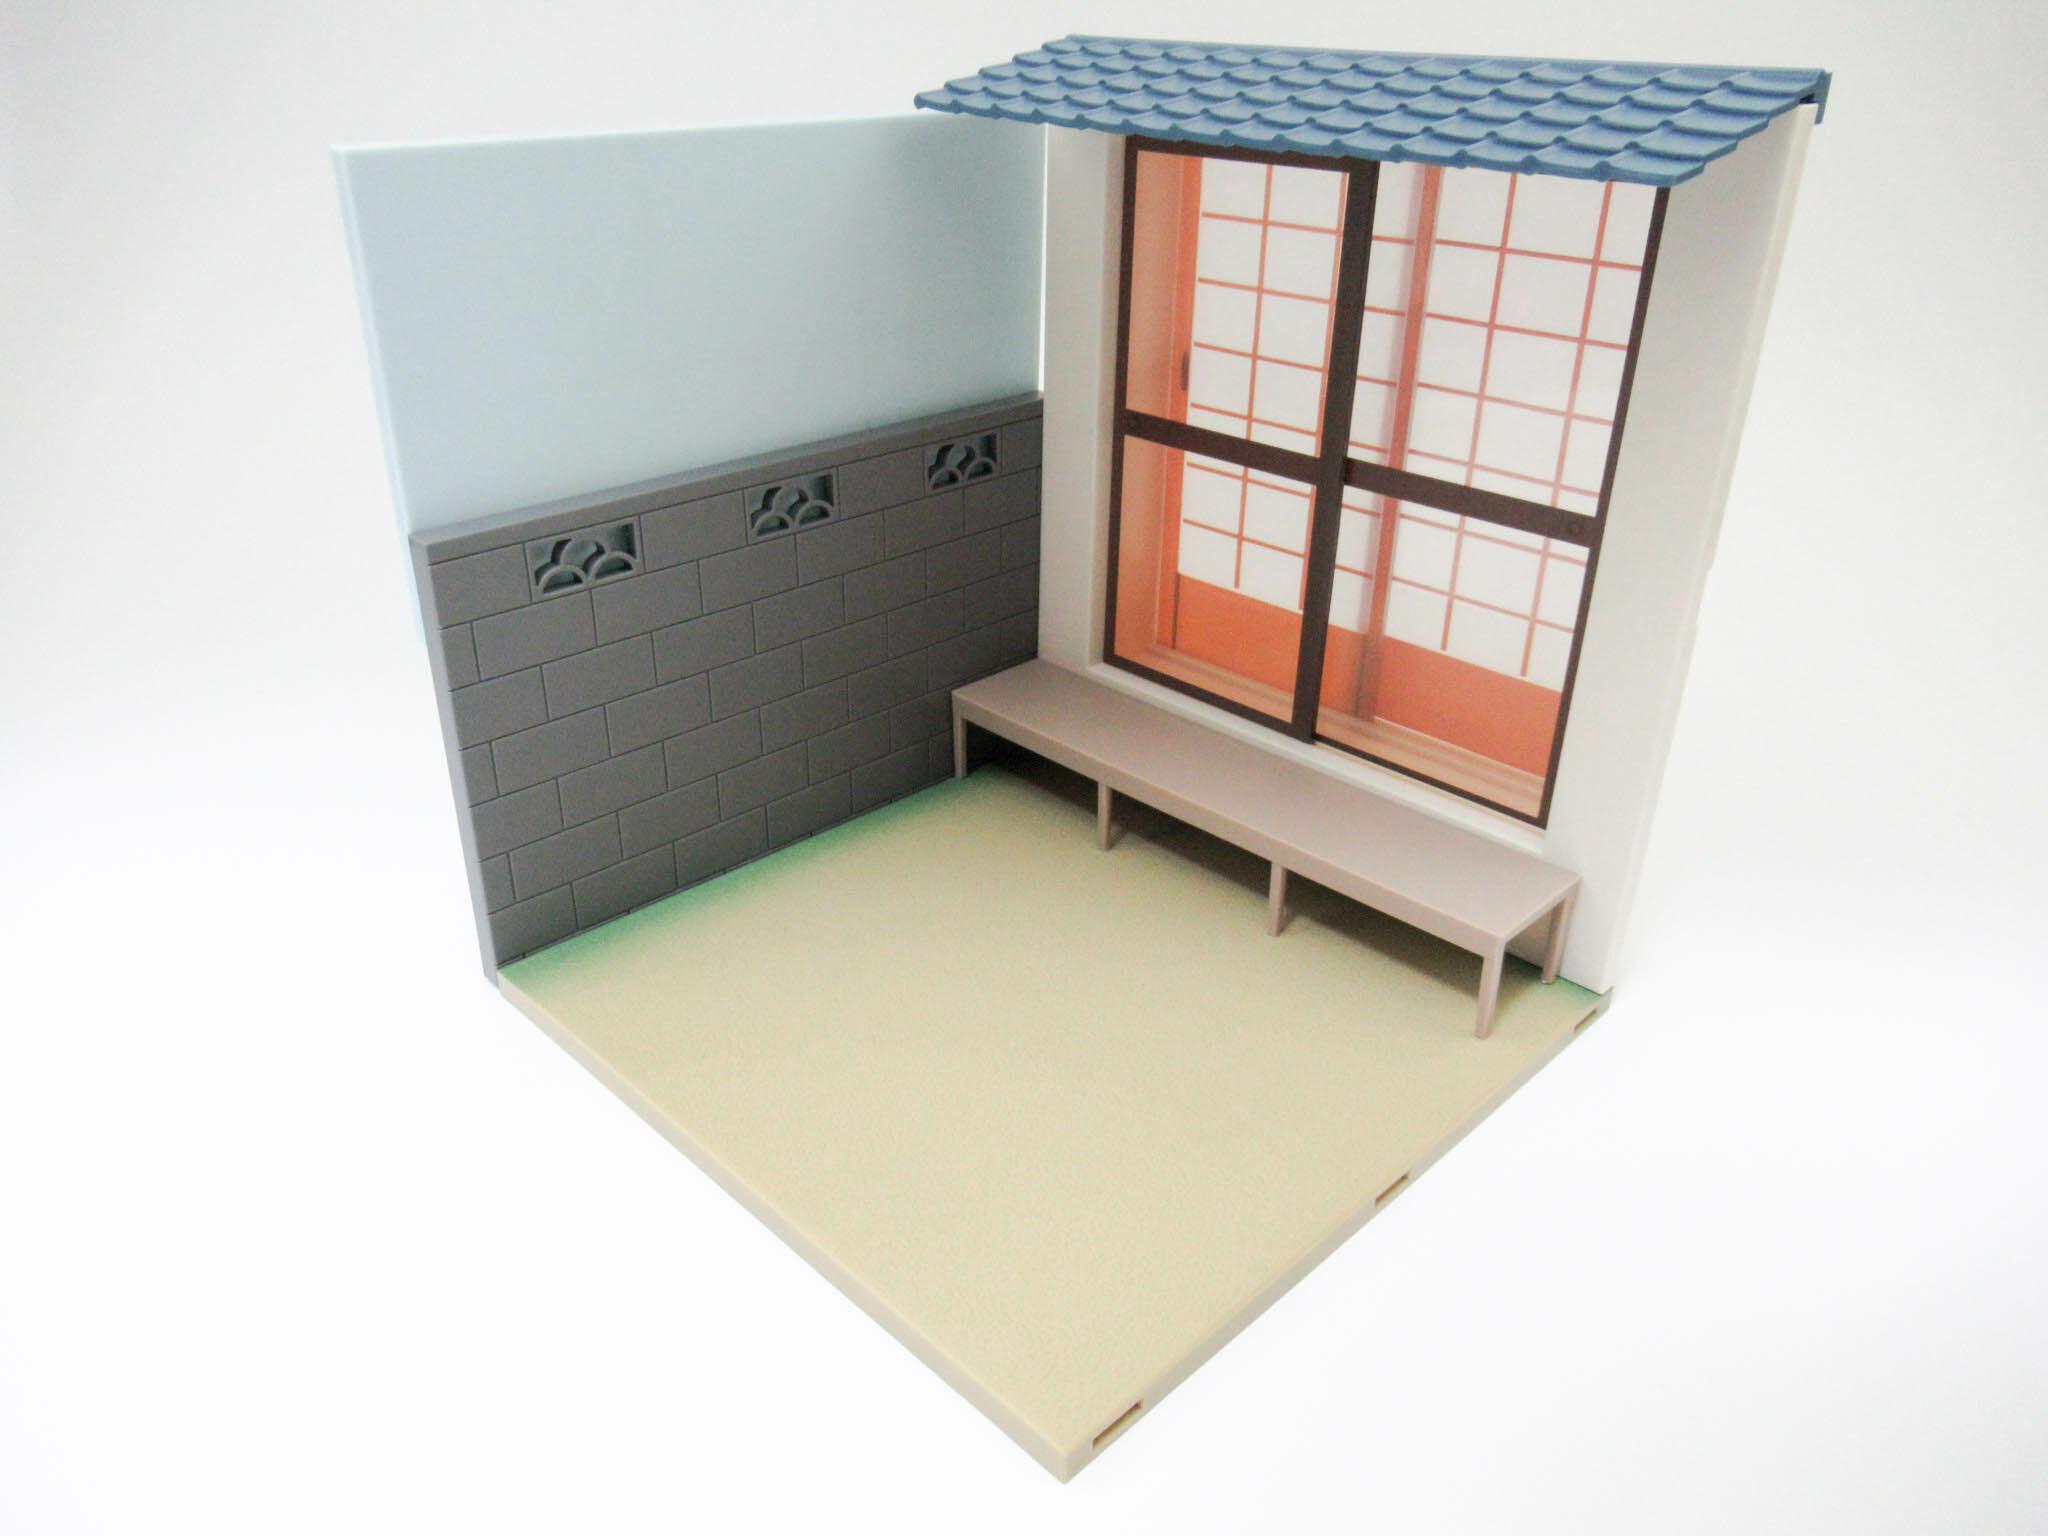 再入荷 ねんどろいどプレイセット #06 縁側Aセット 壁と床